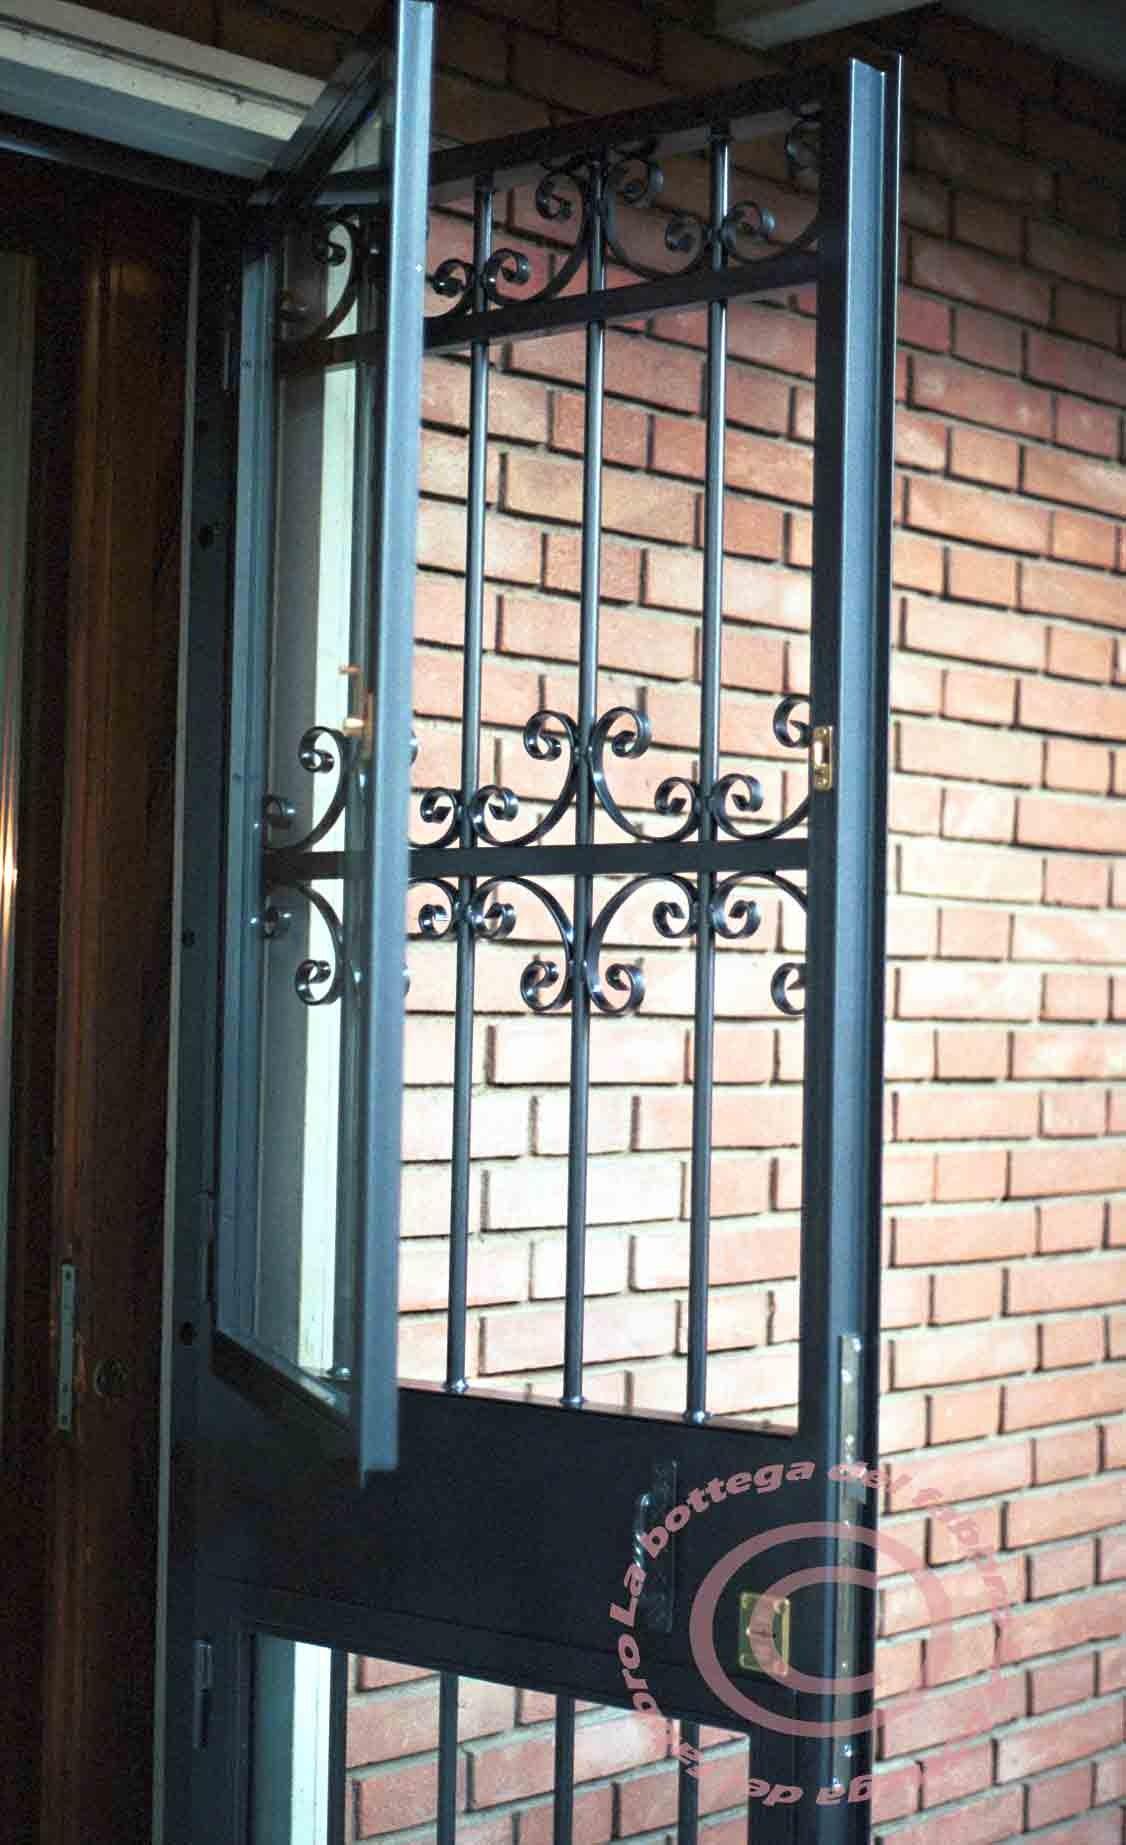 Cool foto cancelli in ferro with foto cancelli in ferro - Cancello porta ingresso ...